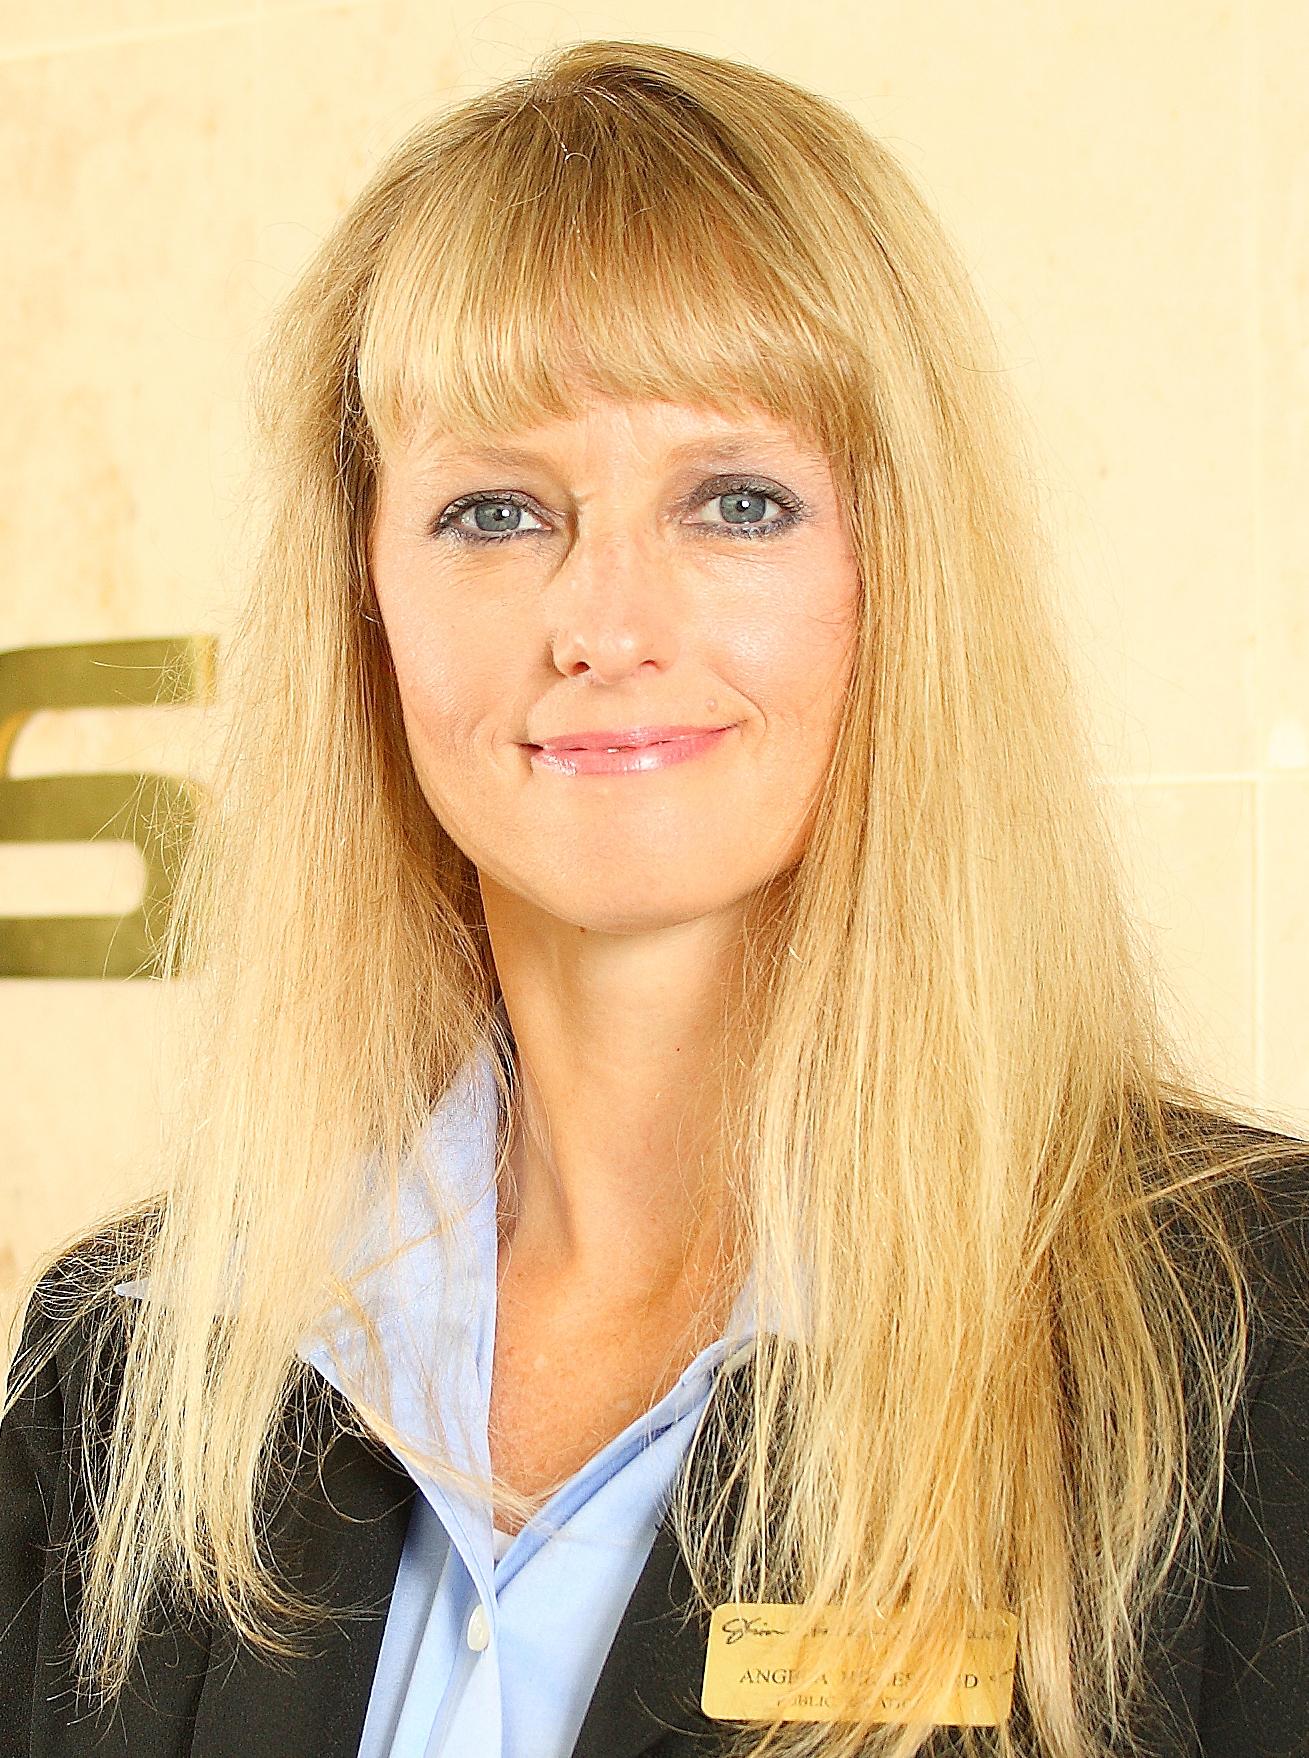 Angela Maskey